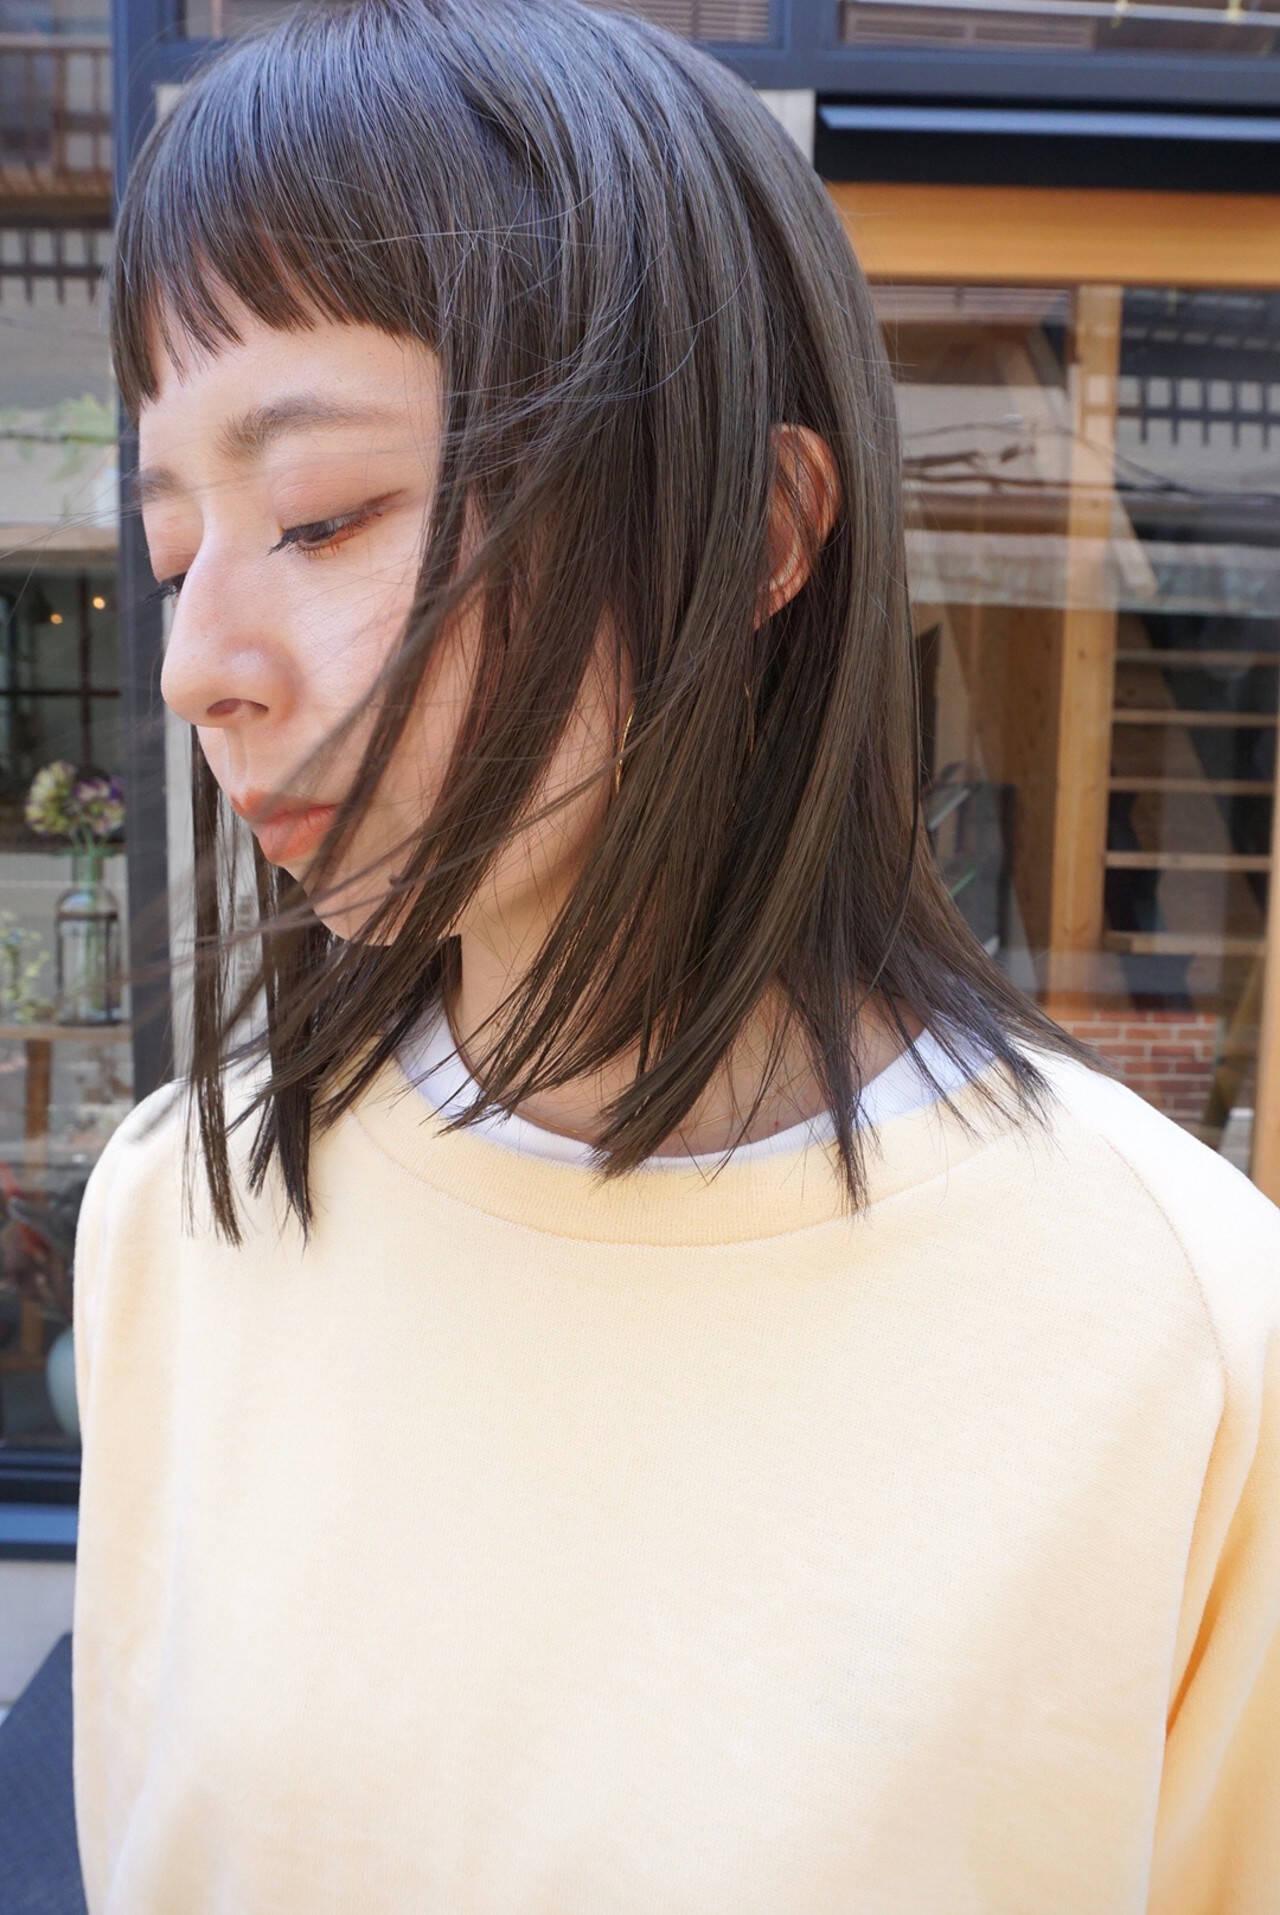 ミディアム 透明感 切りっぱなしボブ 透明感カラーヘアスタイルや髪型の写真・画像